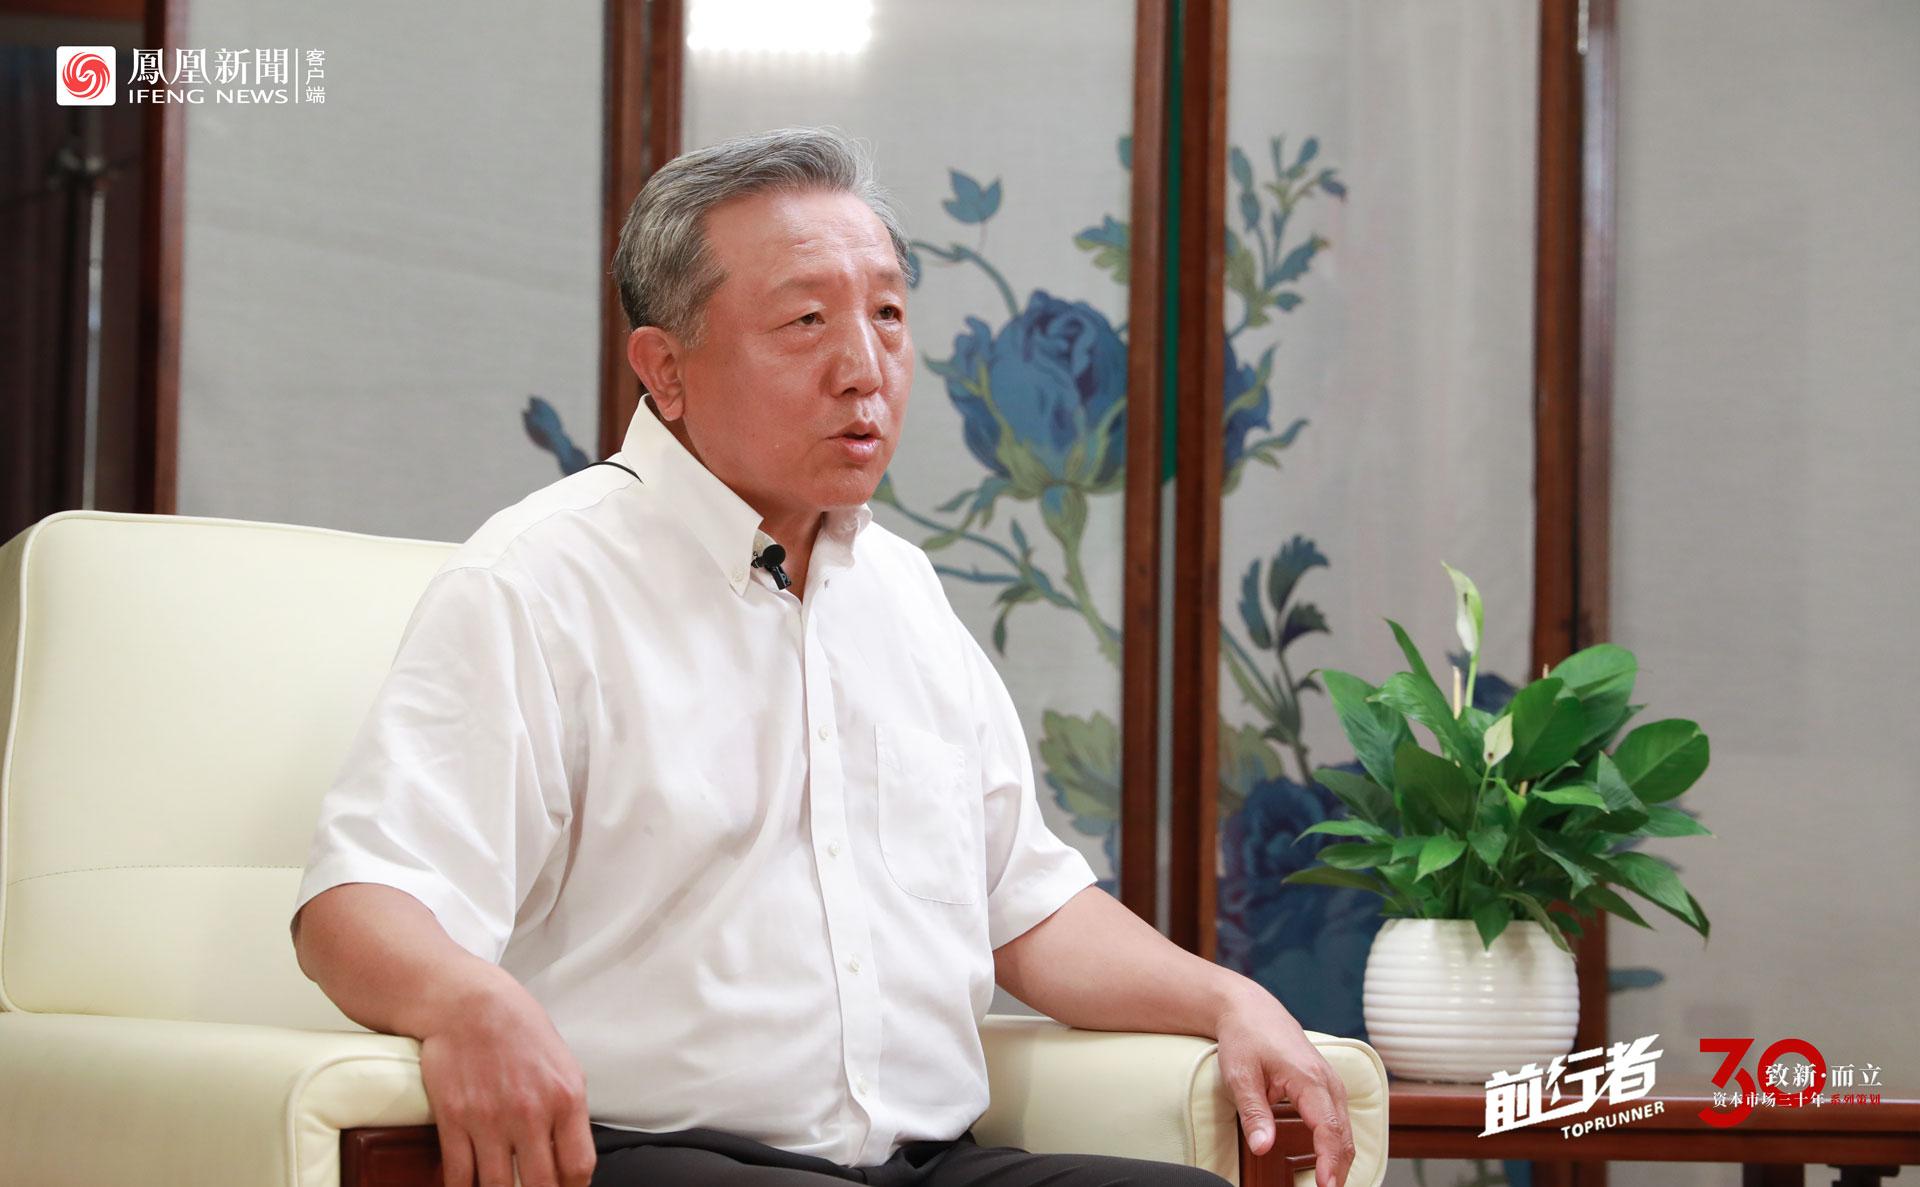 前行者|吴晓求:我不赞成交易制度从T+1变成T+0